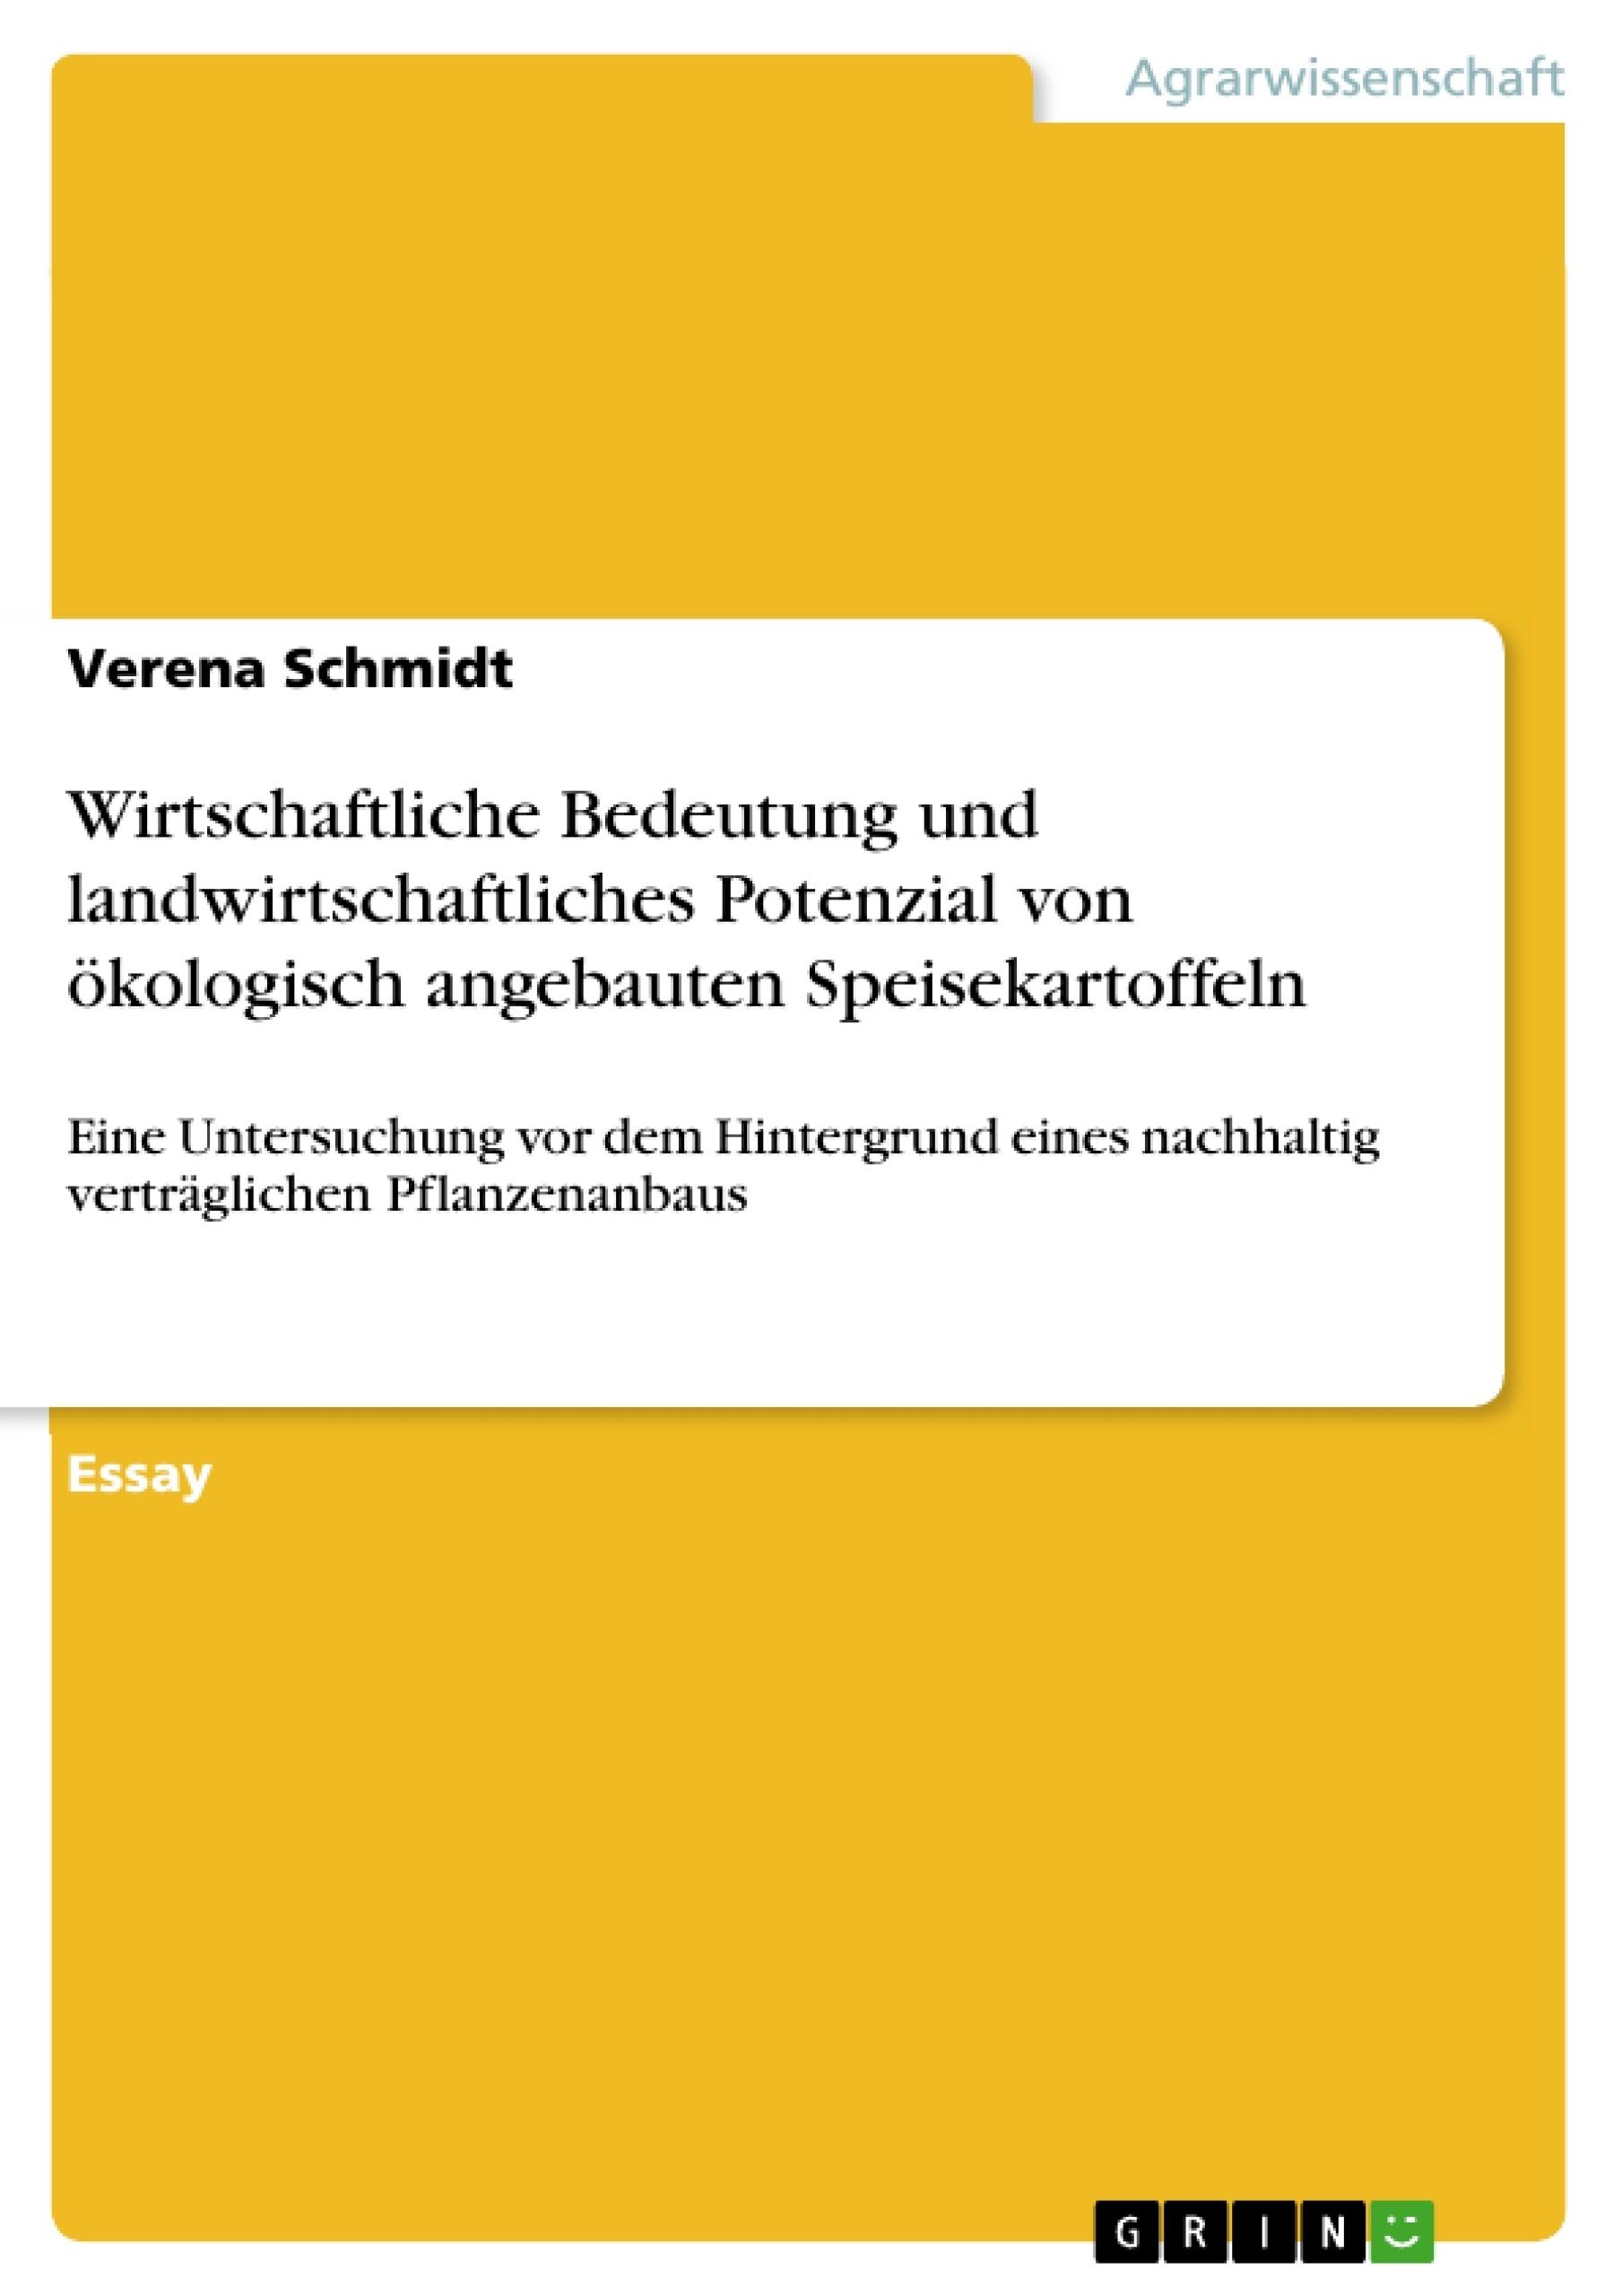 Titel: Wirtschaftliche Bedeutung und landwirtschaftliches Potenzial von ökologisch angebauten Speisekartoffeln